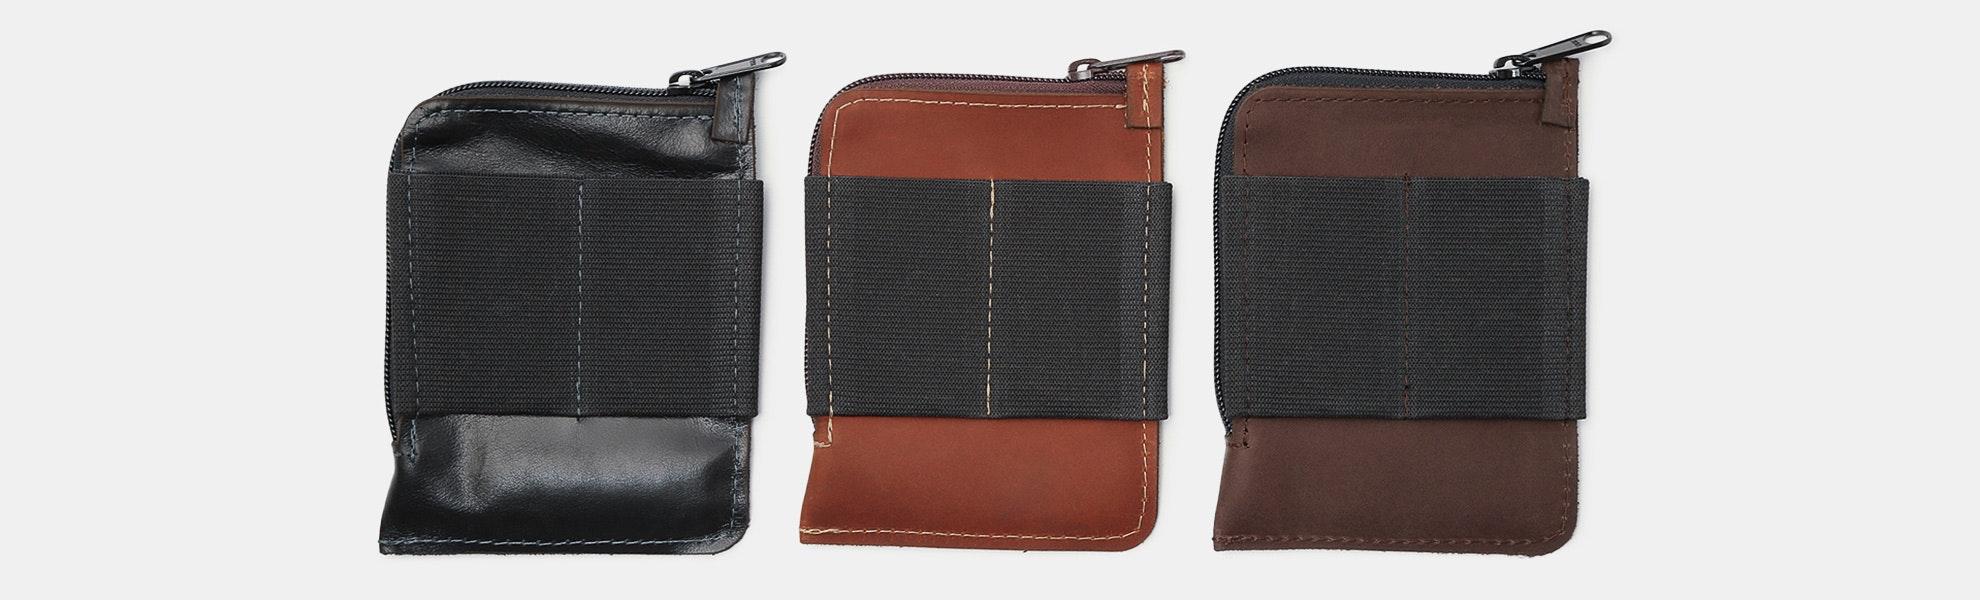 Allegory Back Pocket EDC Wallet